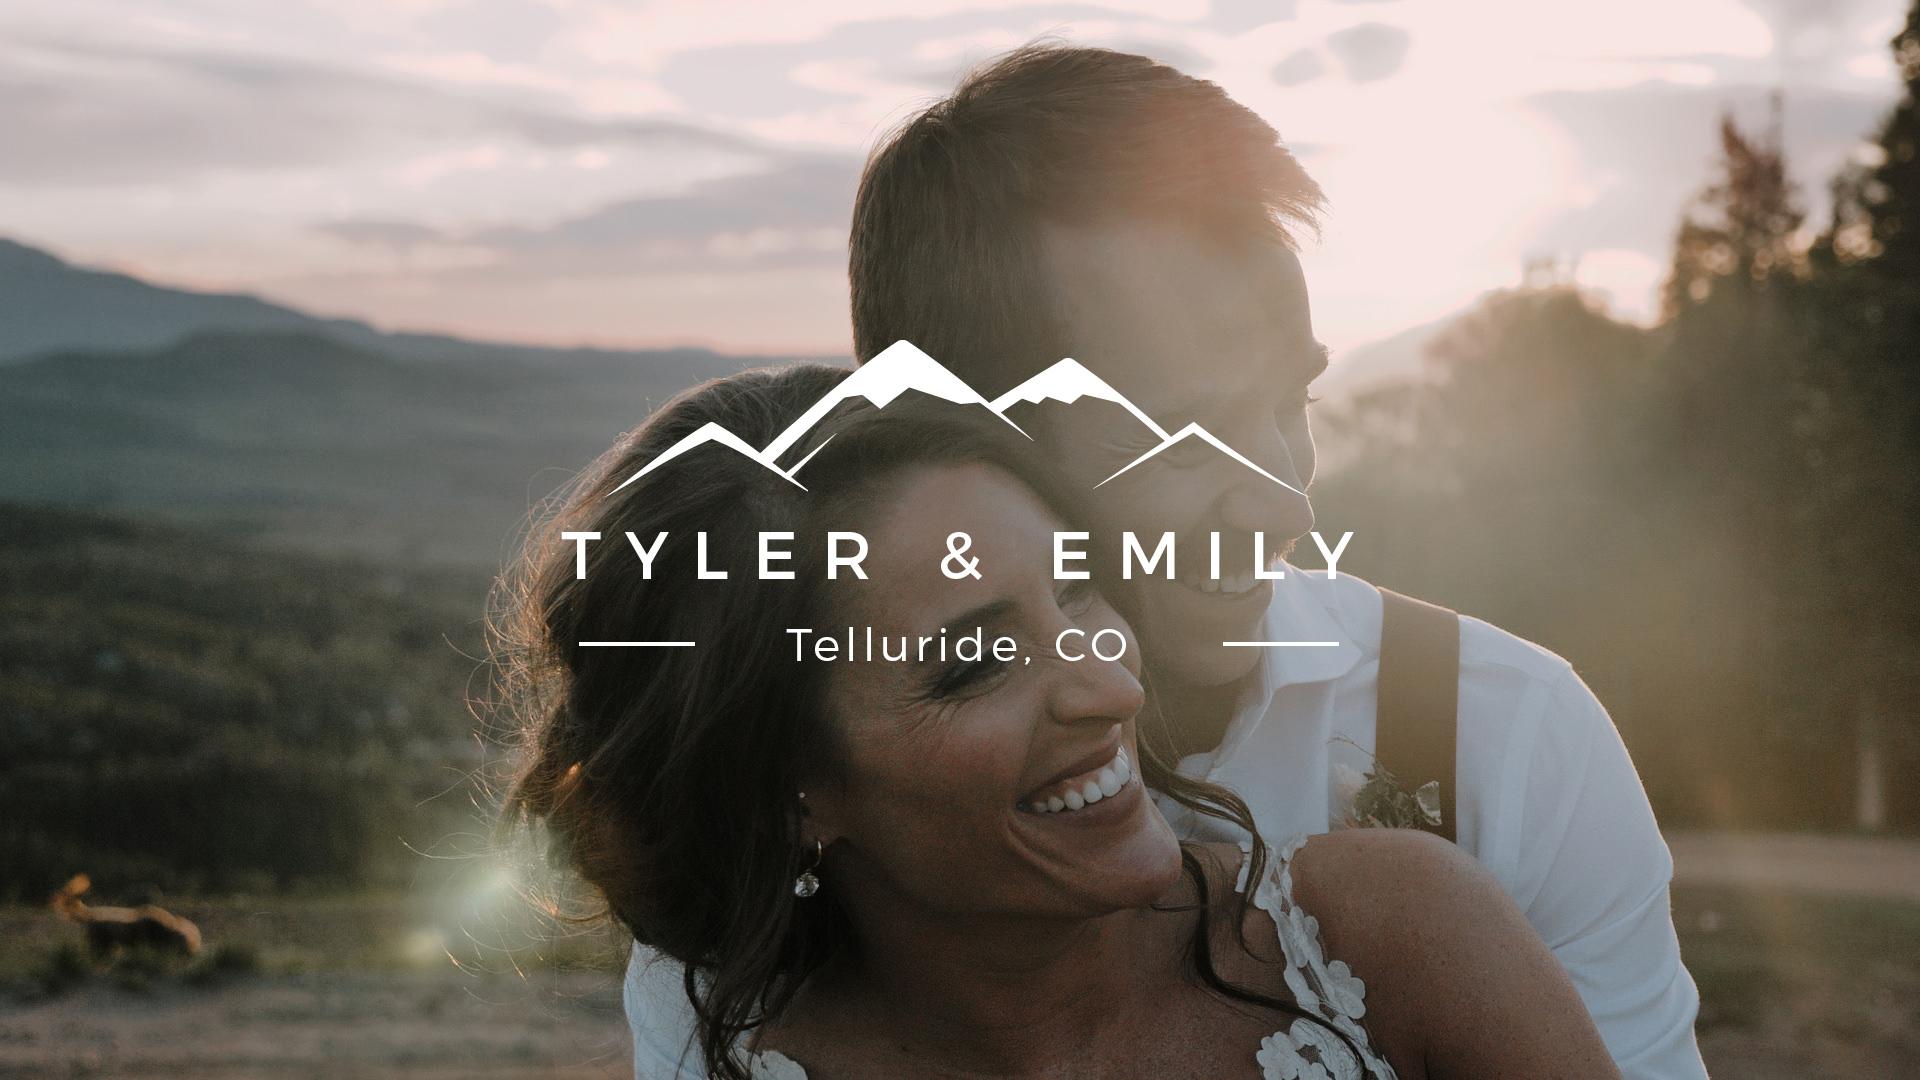 San Sophia Overlook Telluride videographer